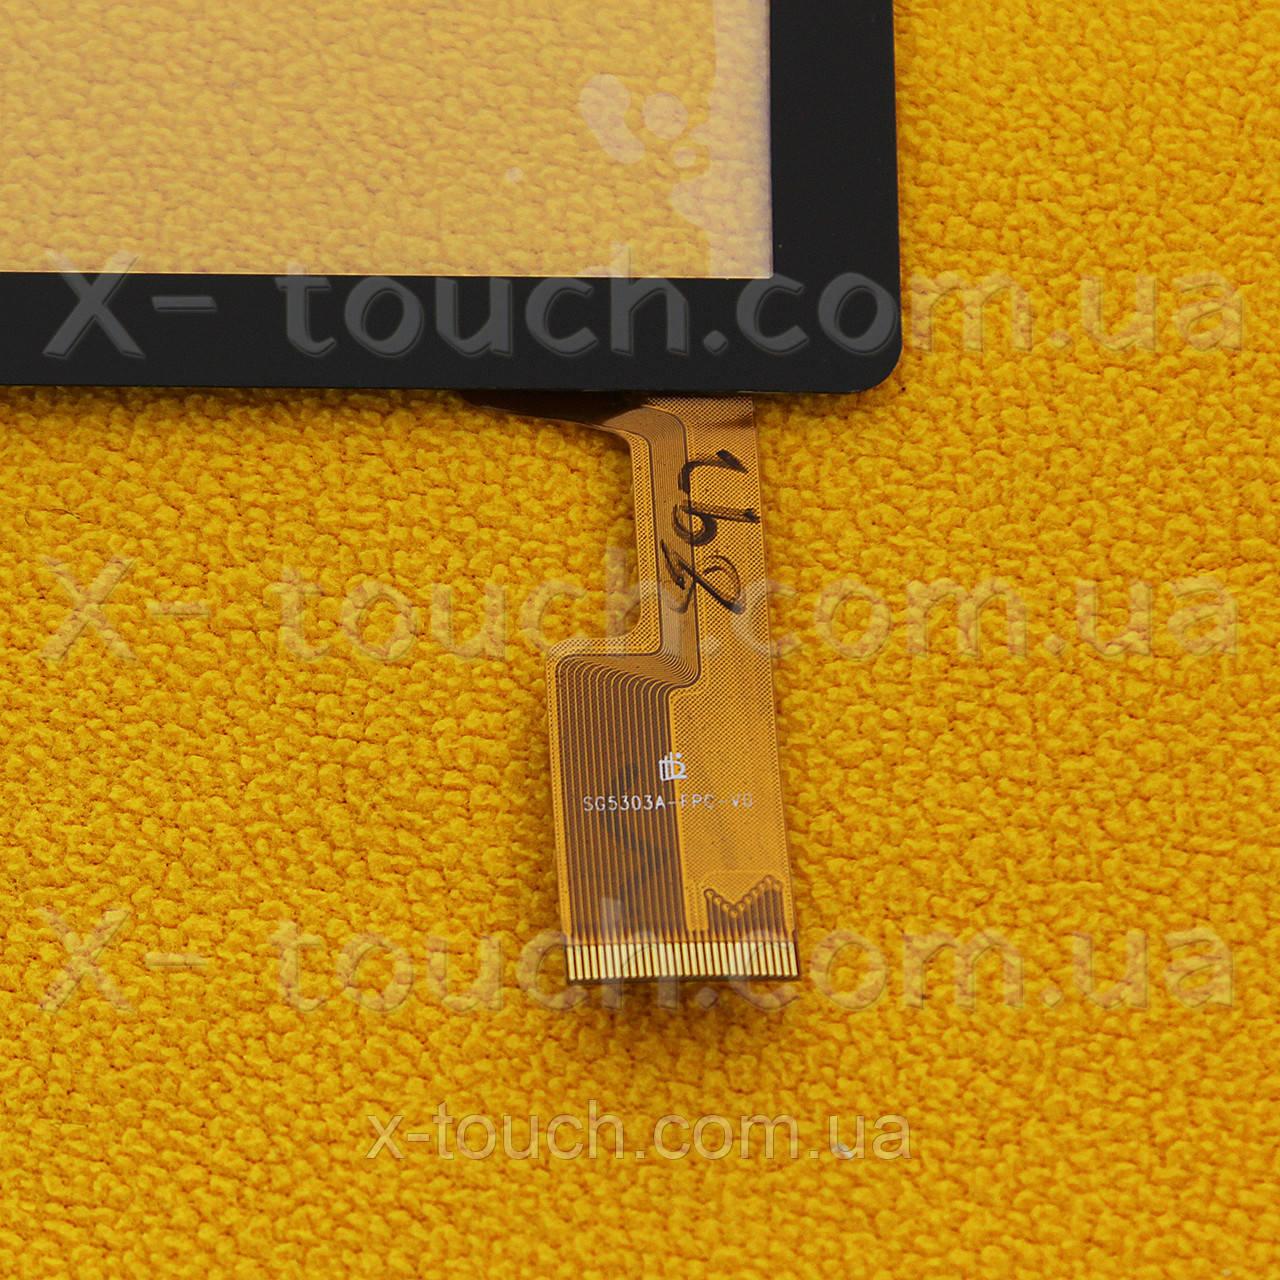 Тачскрин, сенсор LS-F1B215A  для планшета